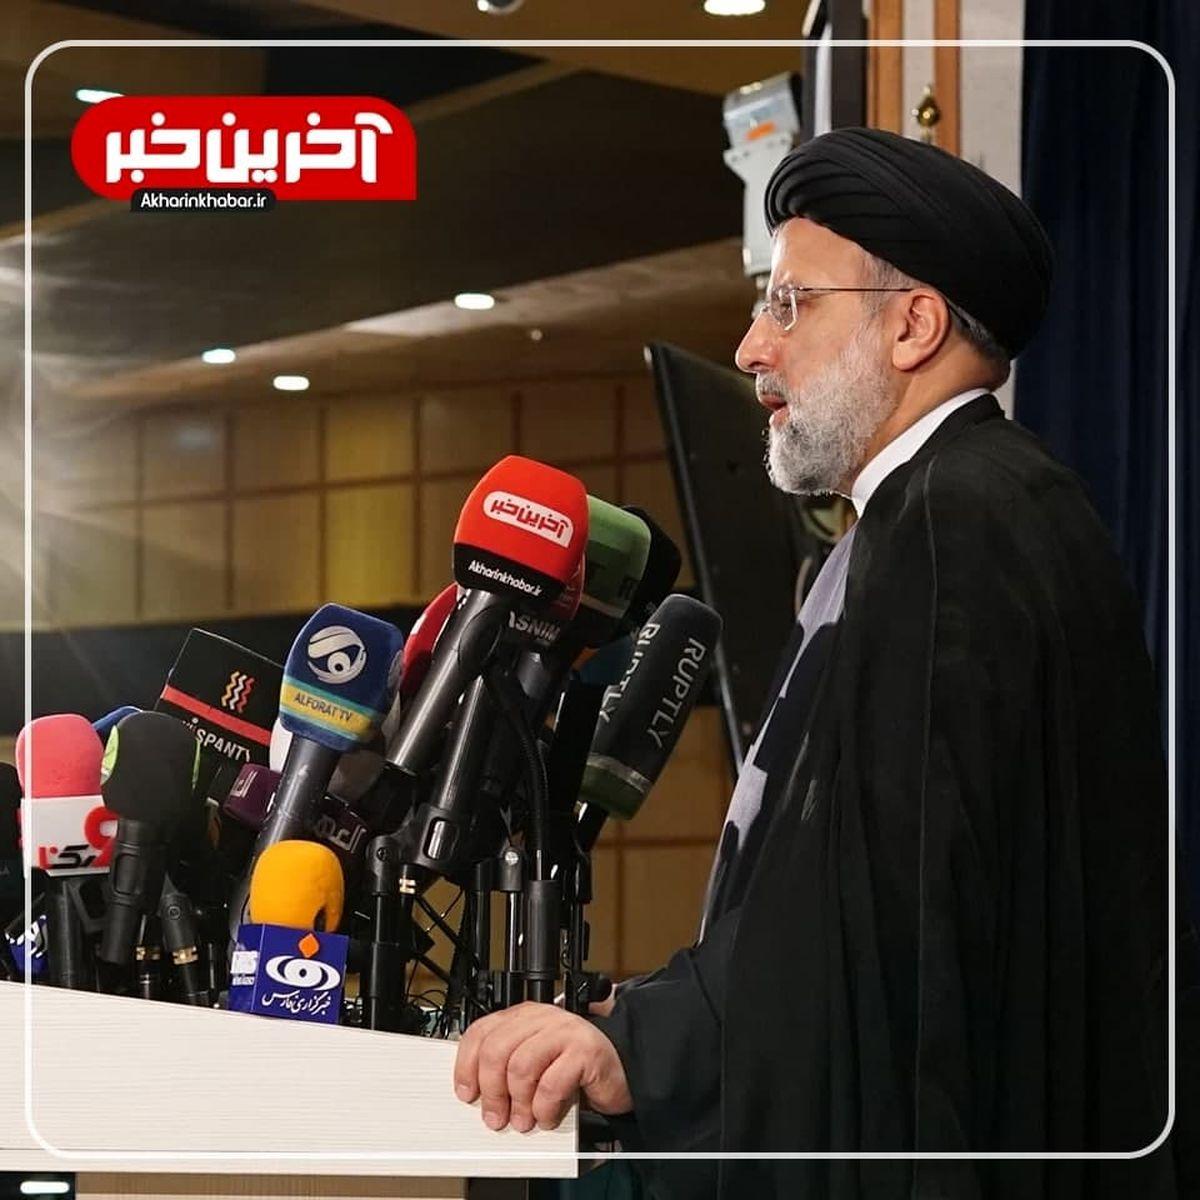 اولین واکنش صهیونیست به پیروزی رئیسی در انتخابات